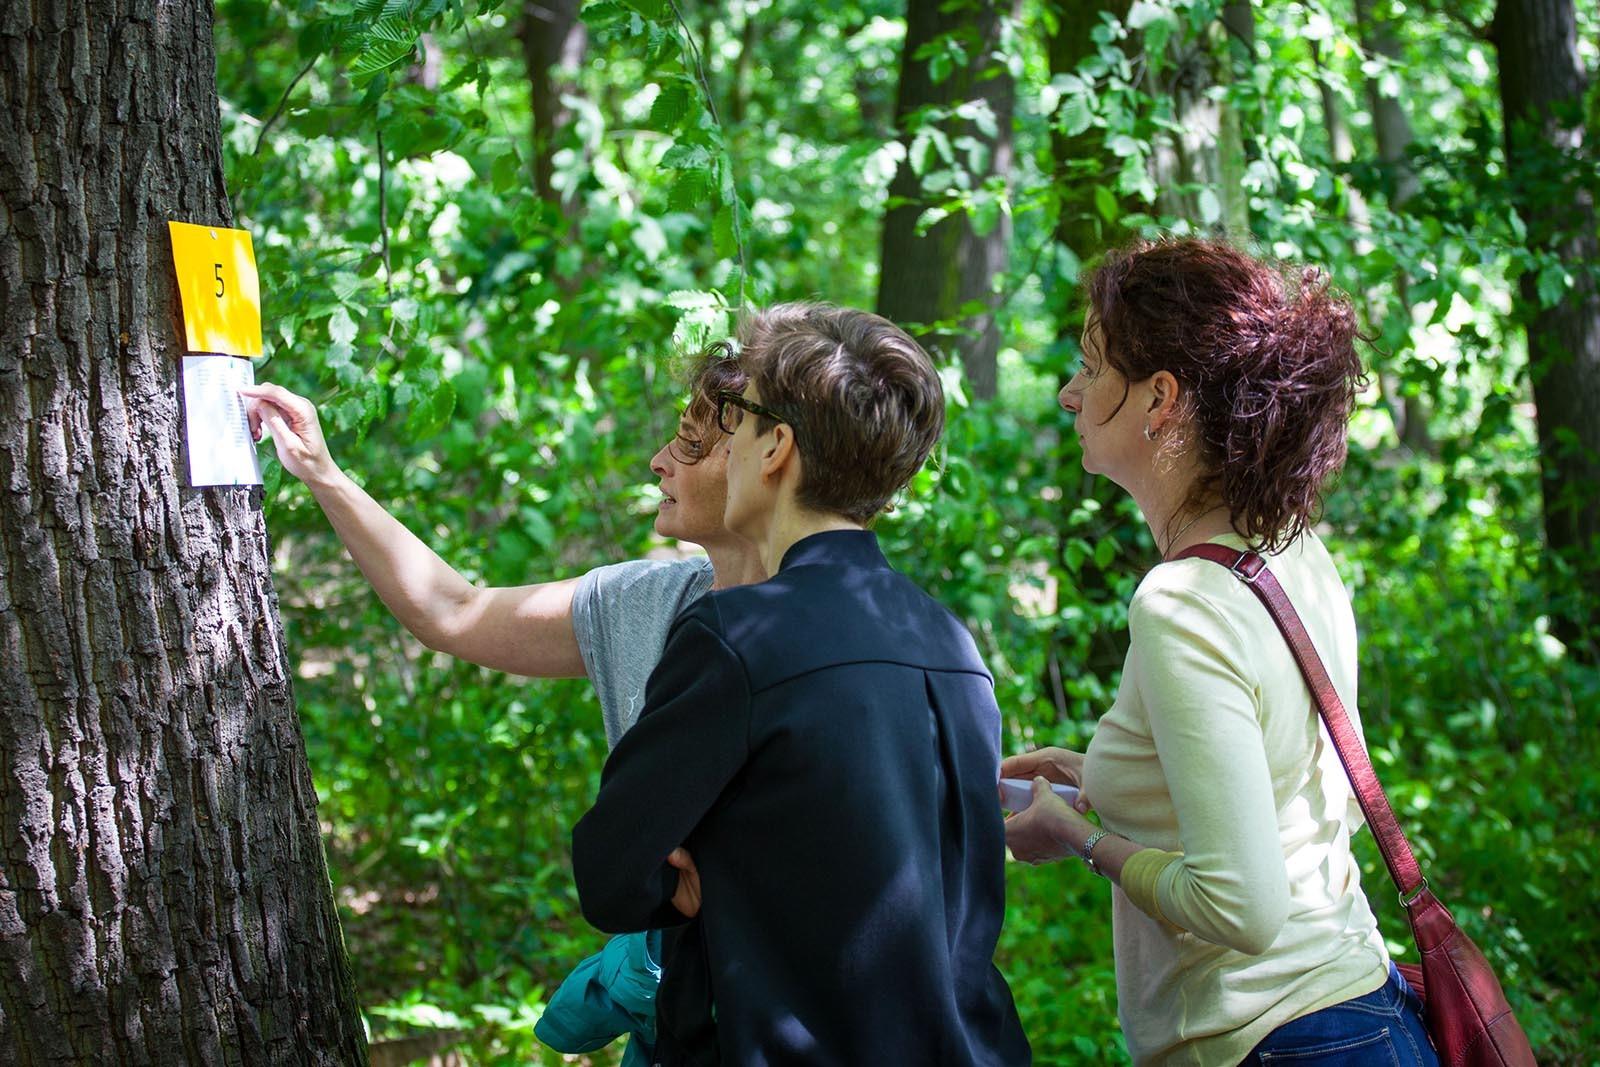 Teamy plni po lese nekojik ukolu ktere prohloubi jejich ekologicke citeni v Tree Mend Us